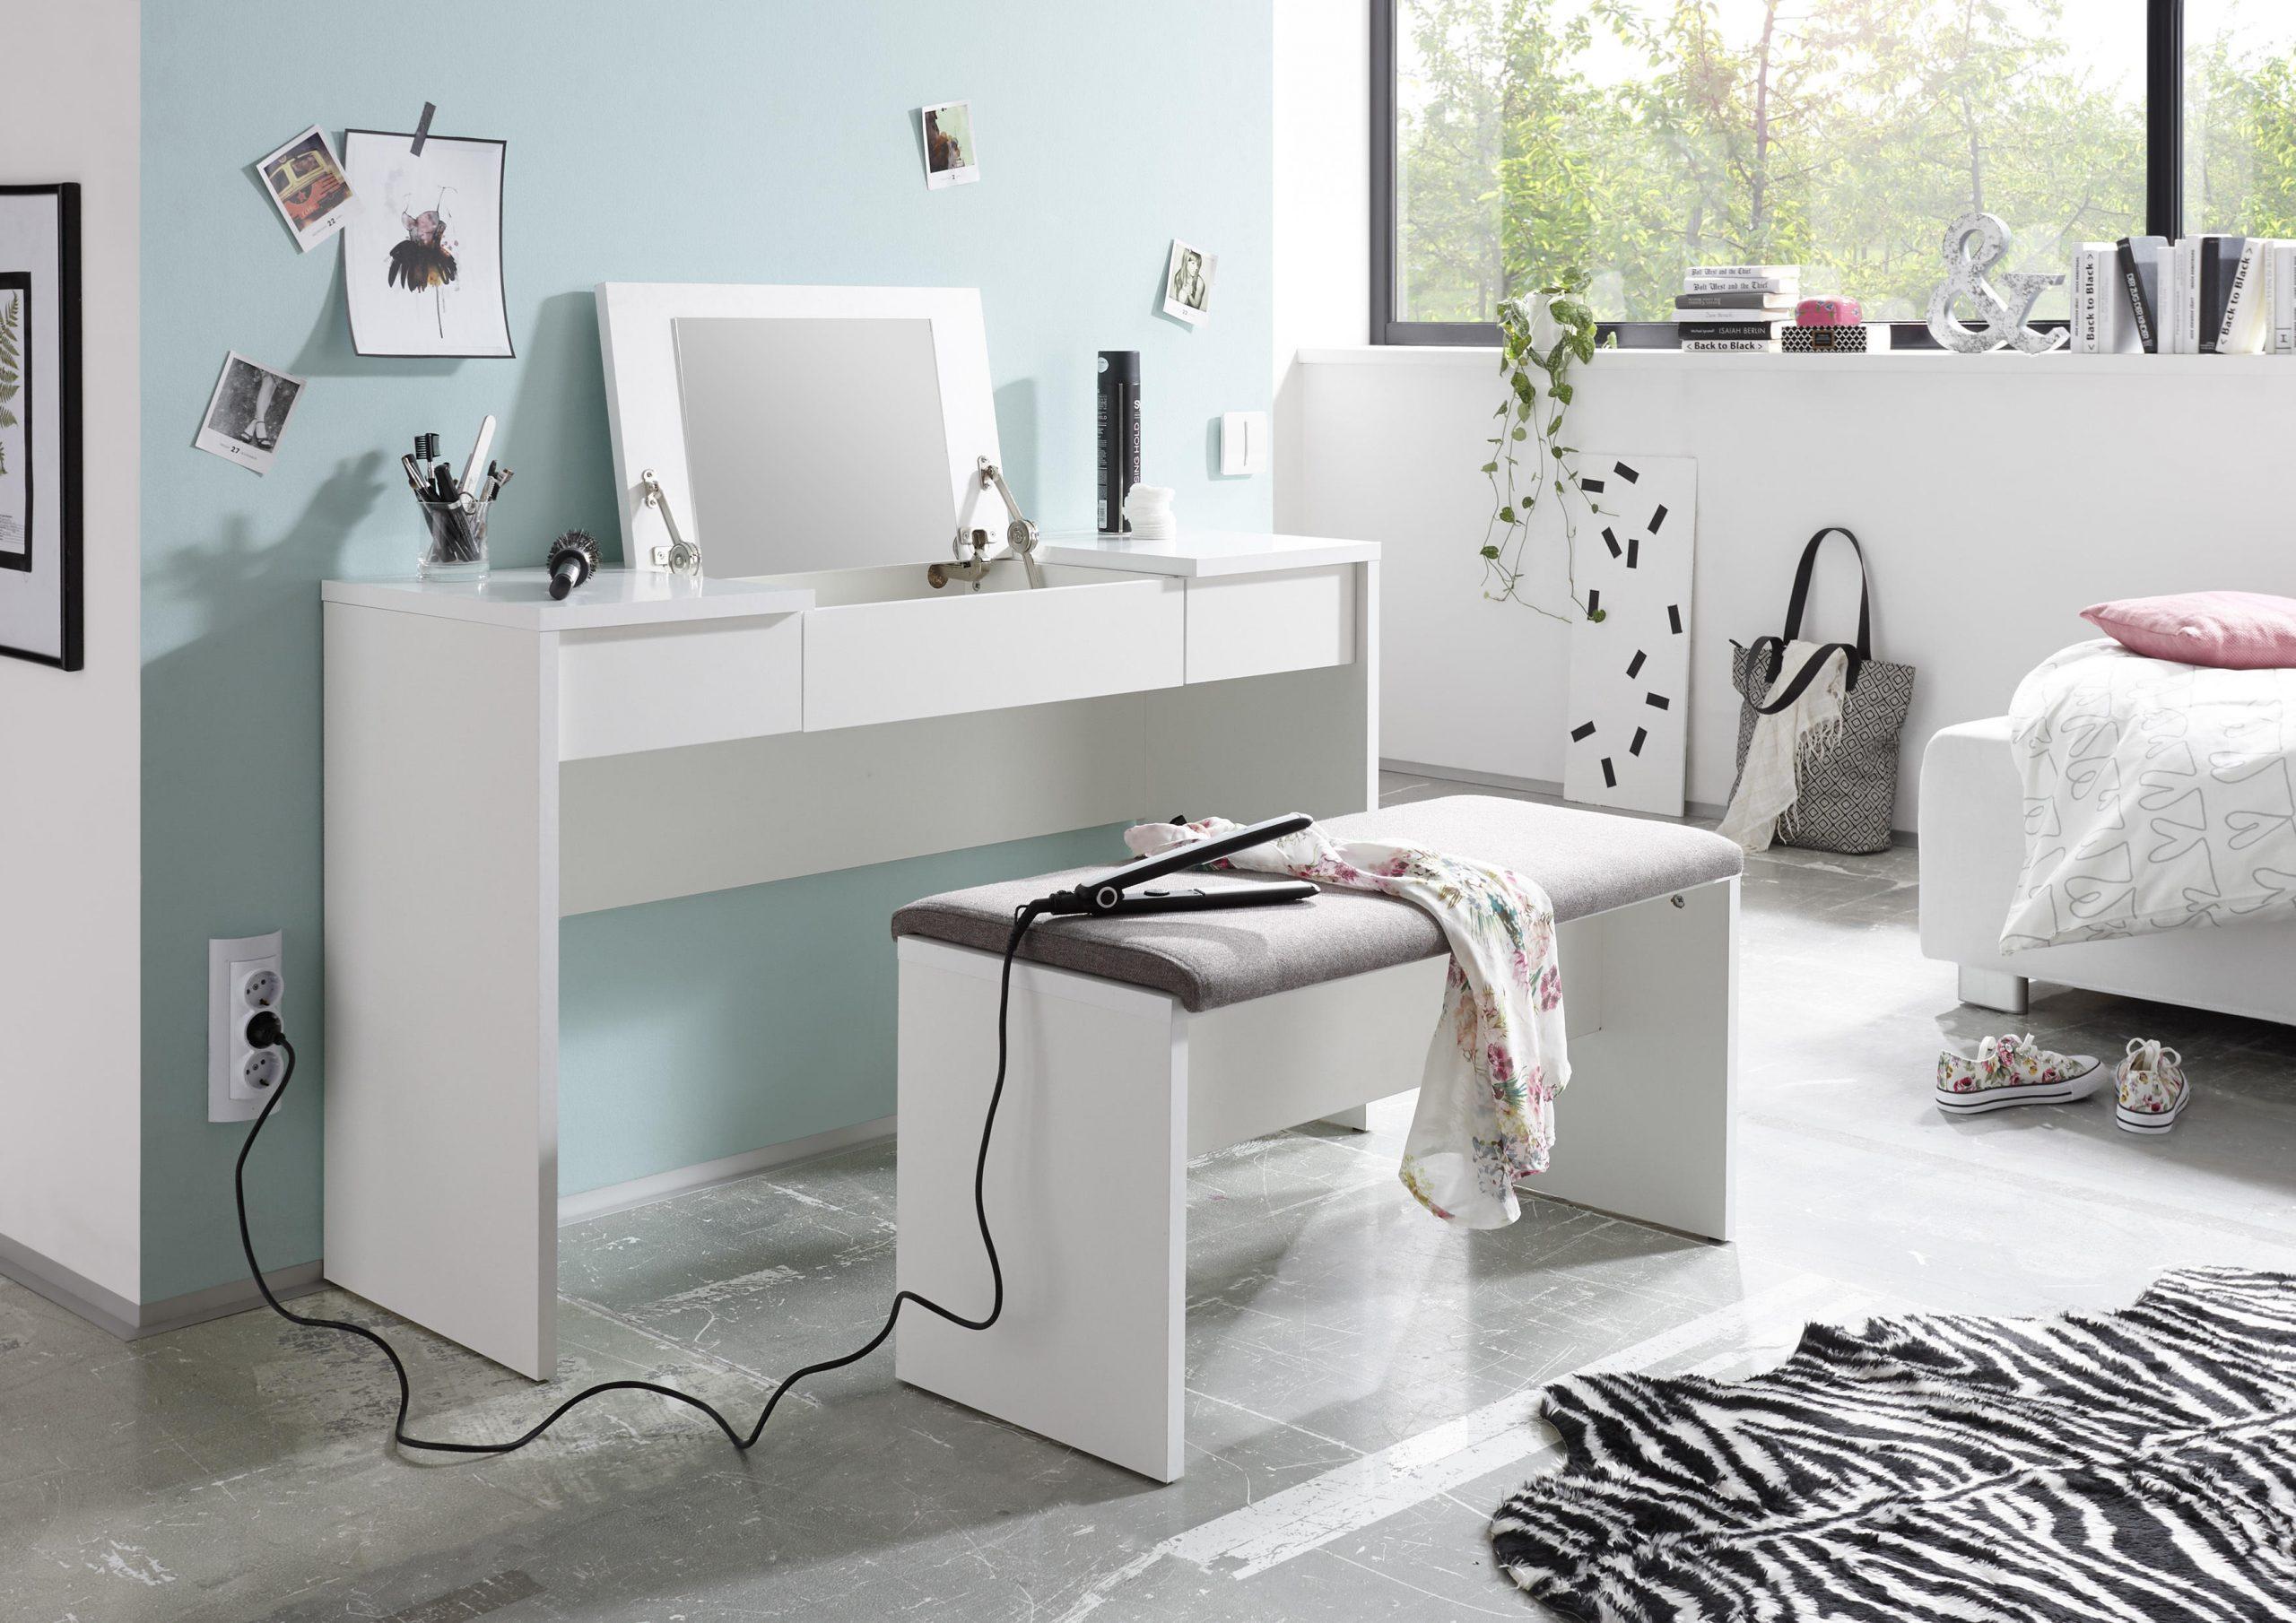 Kozmetične mize - Kozmetična miza z klopjo in z ogledalom